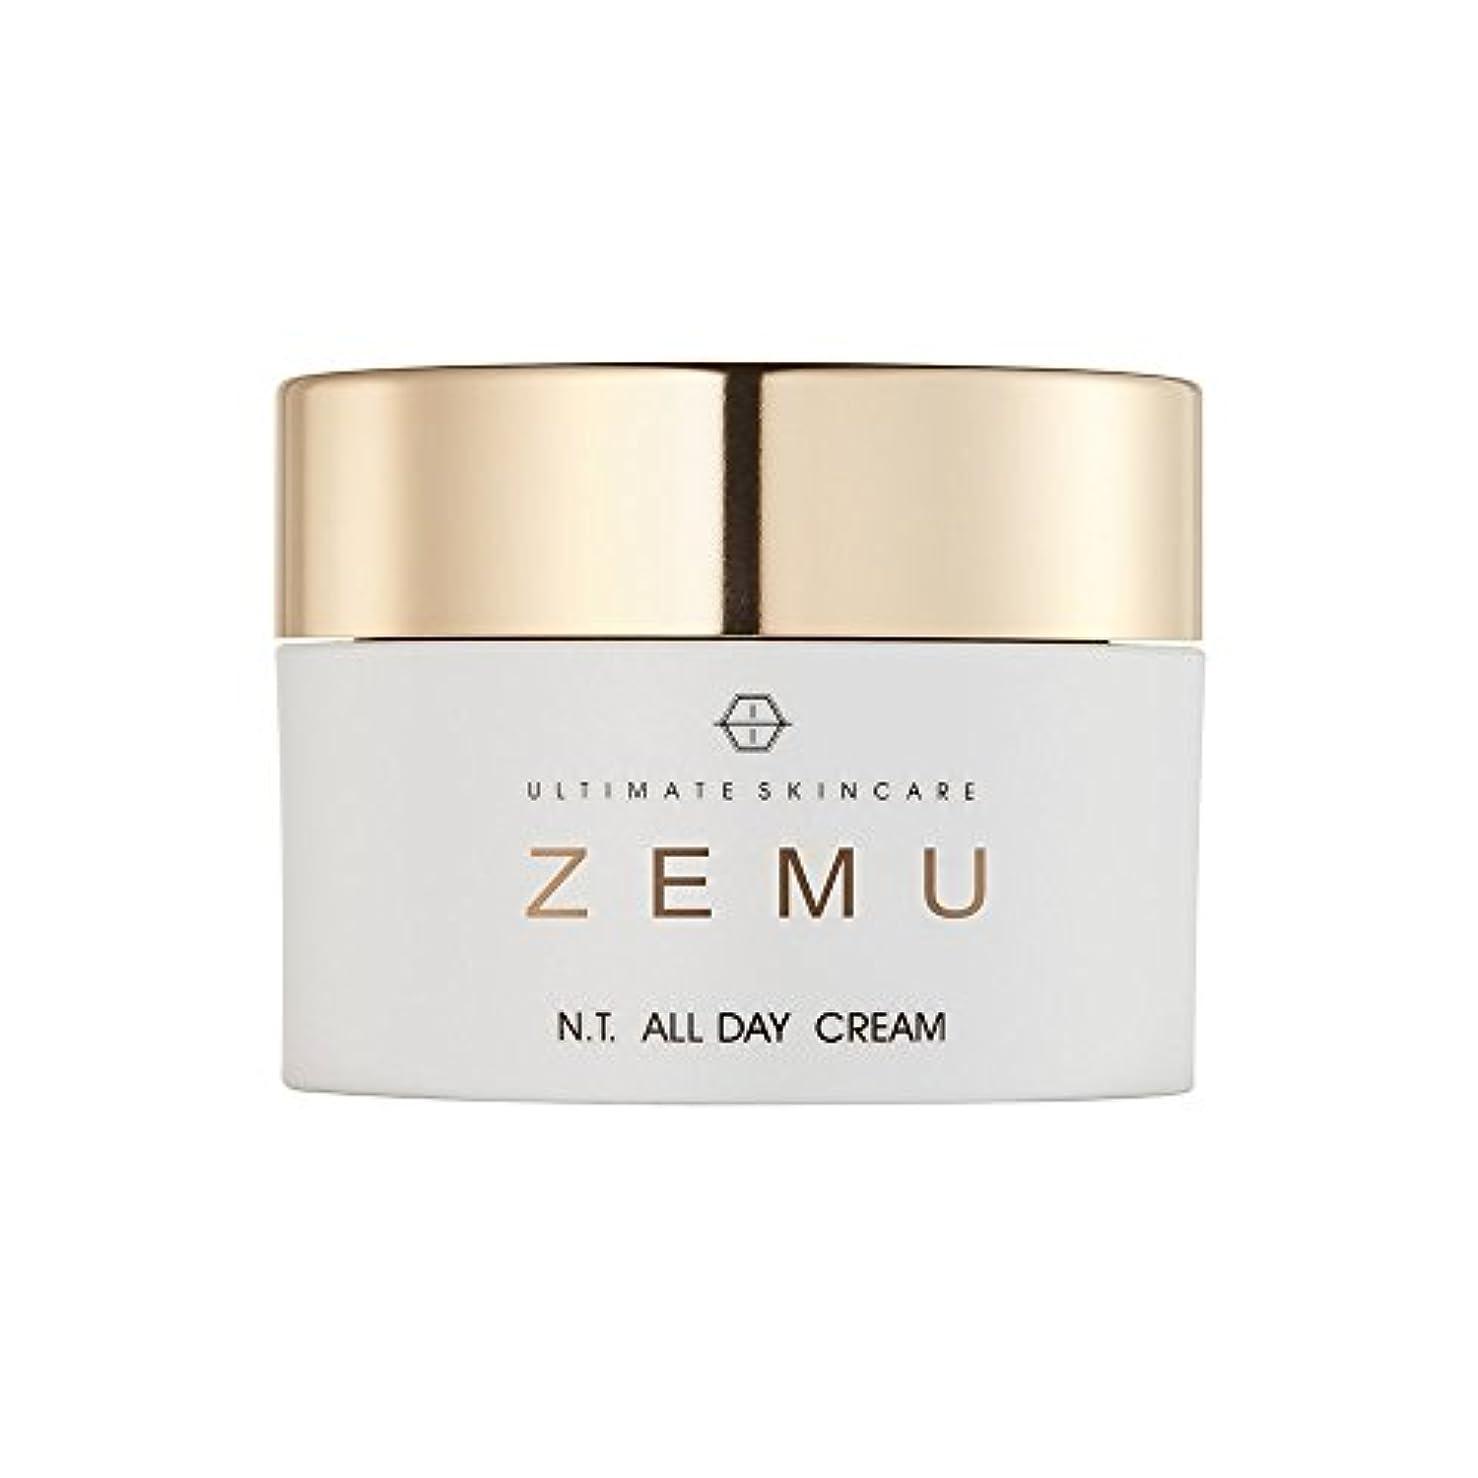 フォーマル掃くブロックUltimate skincare ZEMU エヌティ オールデイクリーム(N. T. ALL DAY CREAM)